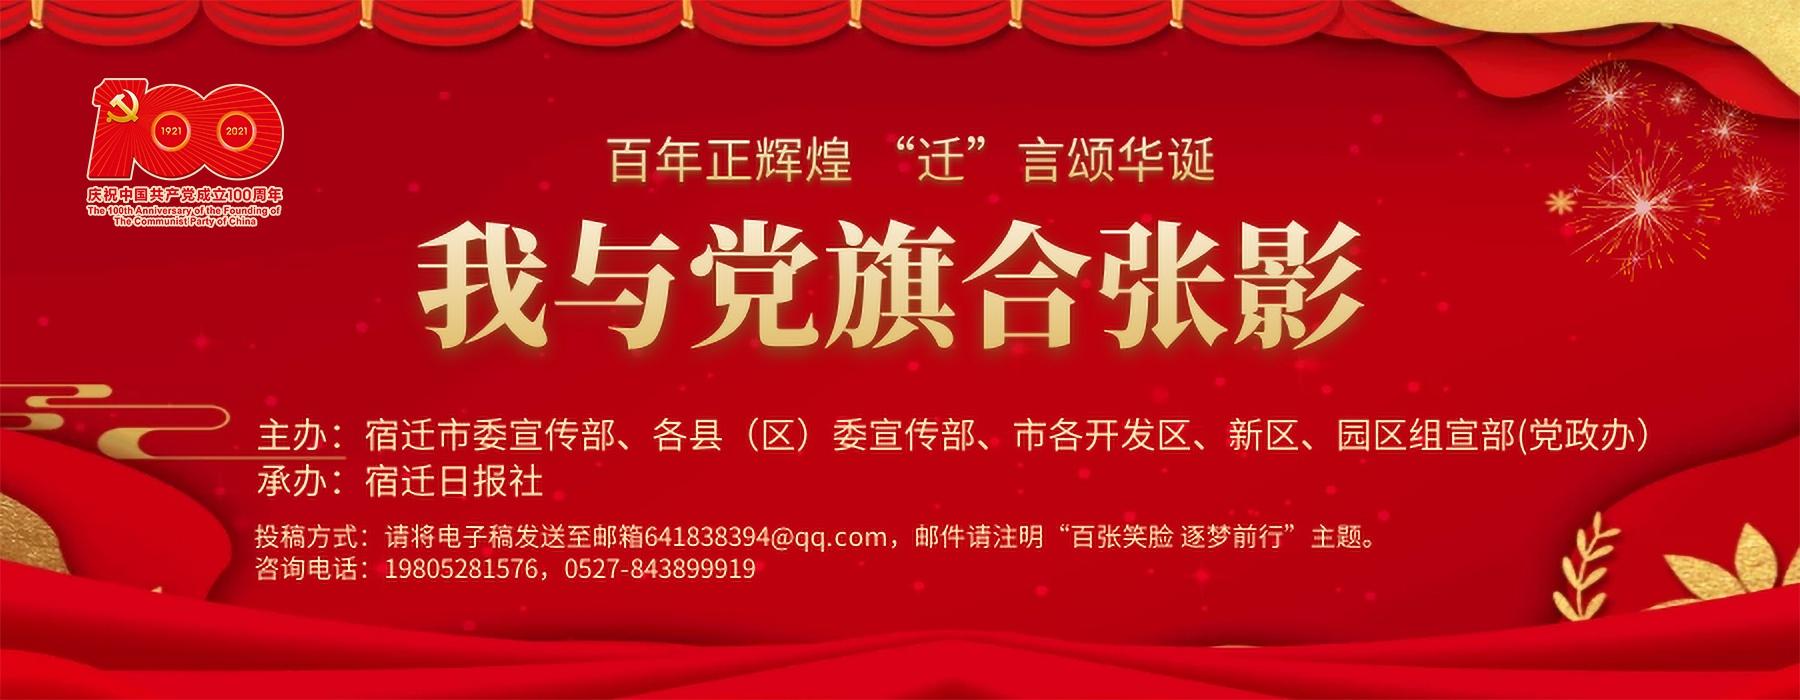 我与党旗合张影㉔︱泗洪县水利局:共走长征路 同塑新作风